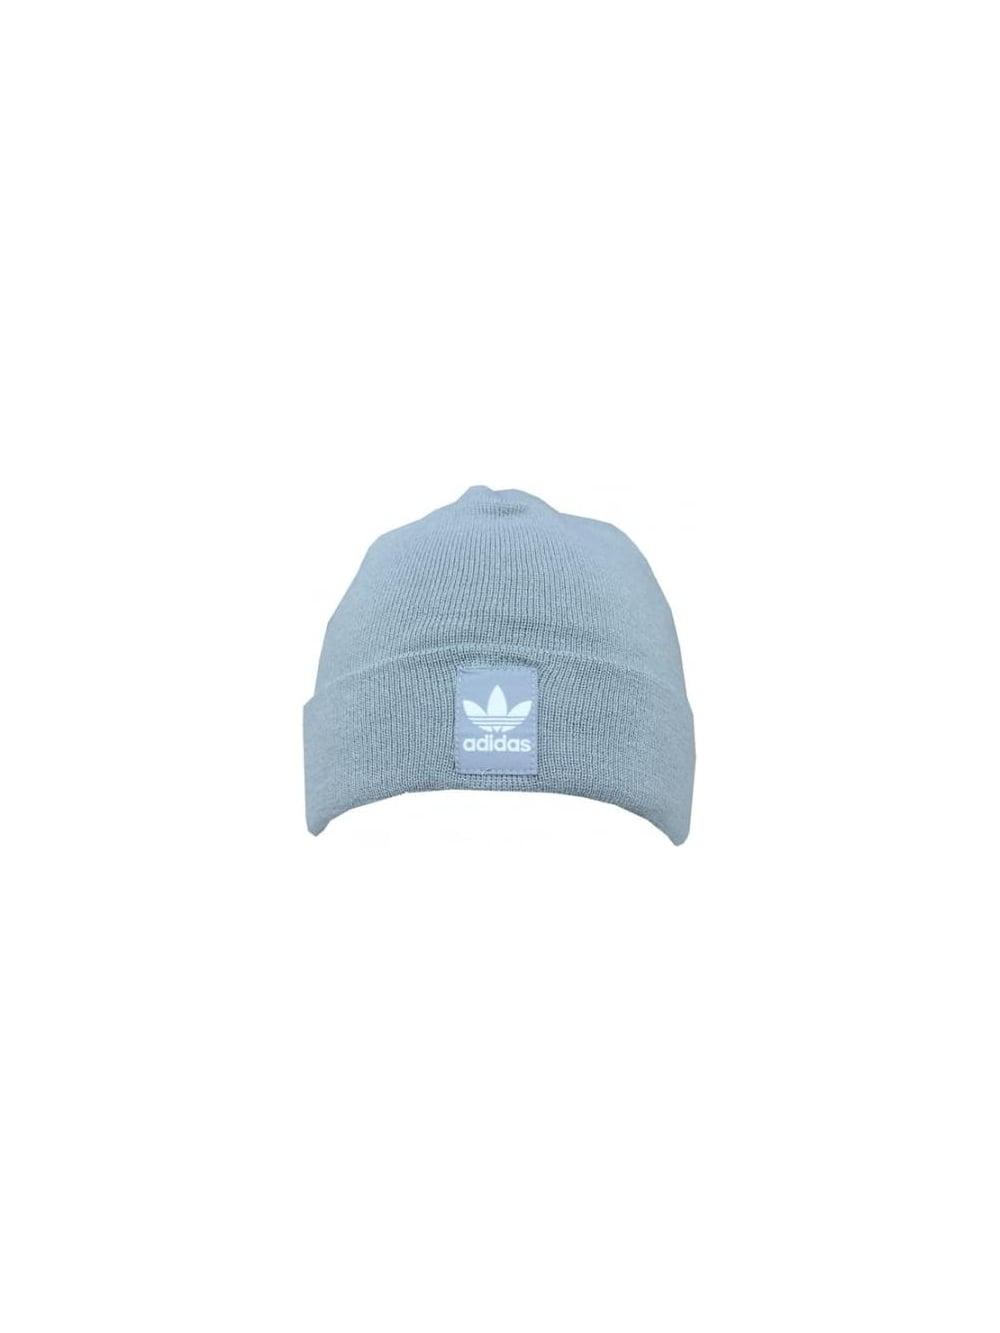 569e747e531da adidas orignals Rib Logo Beanie in Grey - Northern Threads